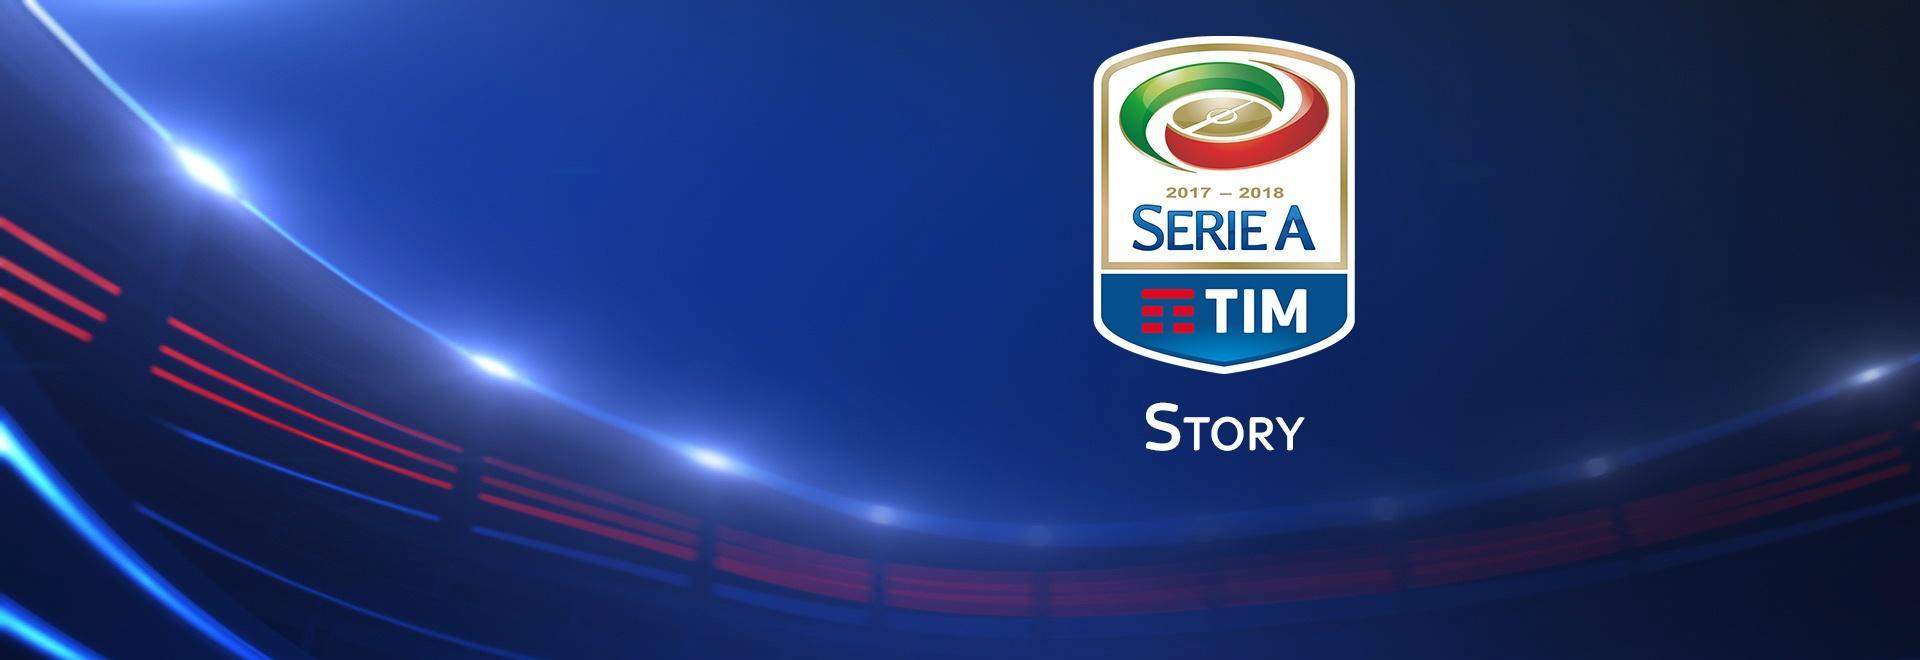 Roma - Juventus 14/05/17